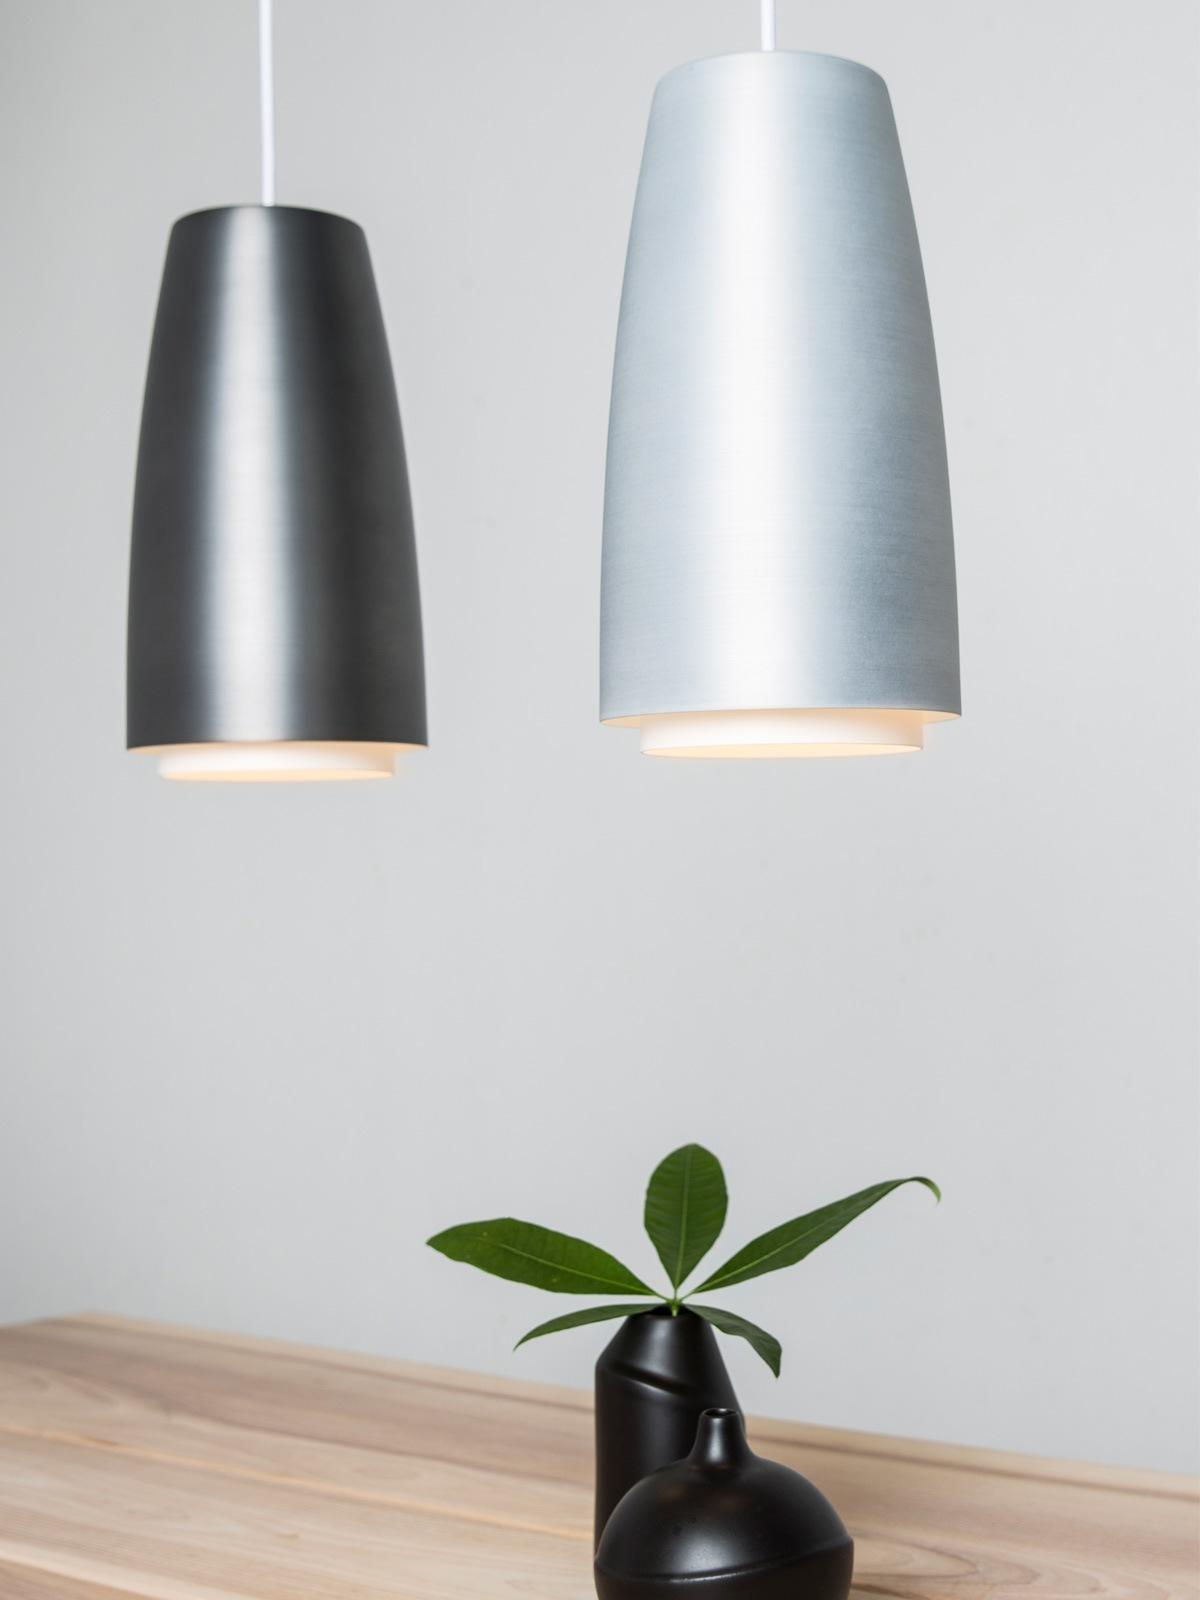 Belid Dex Leuchten Designort